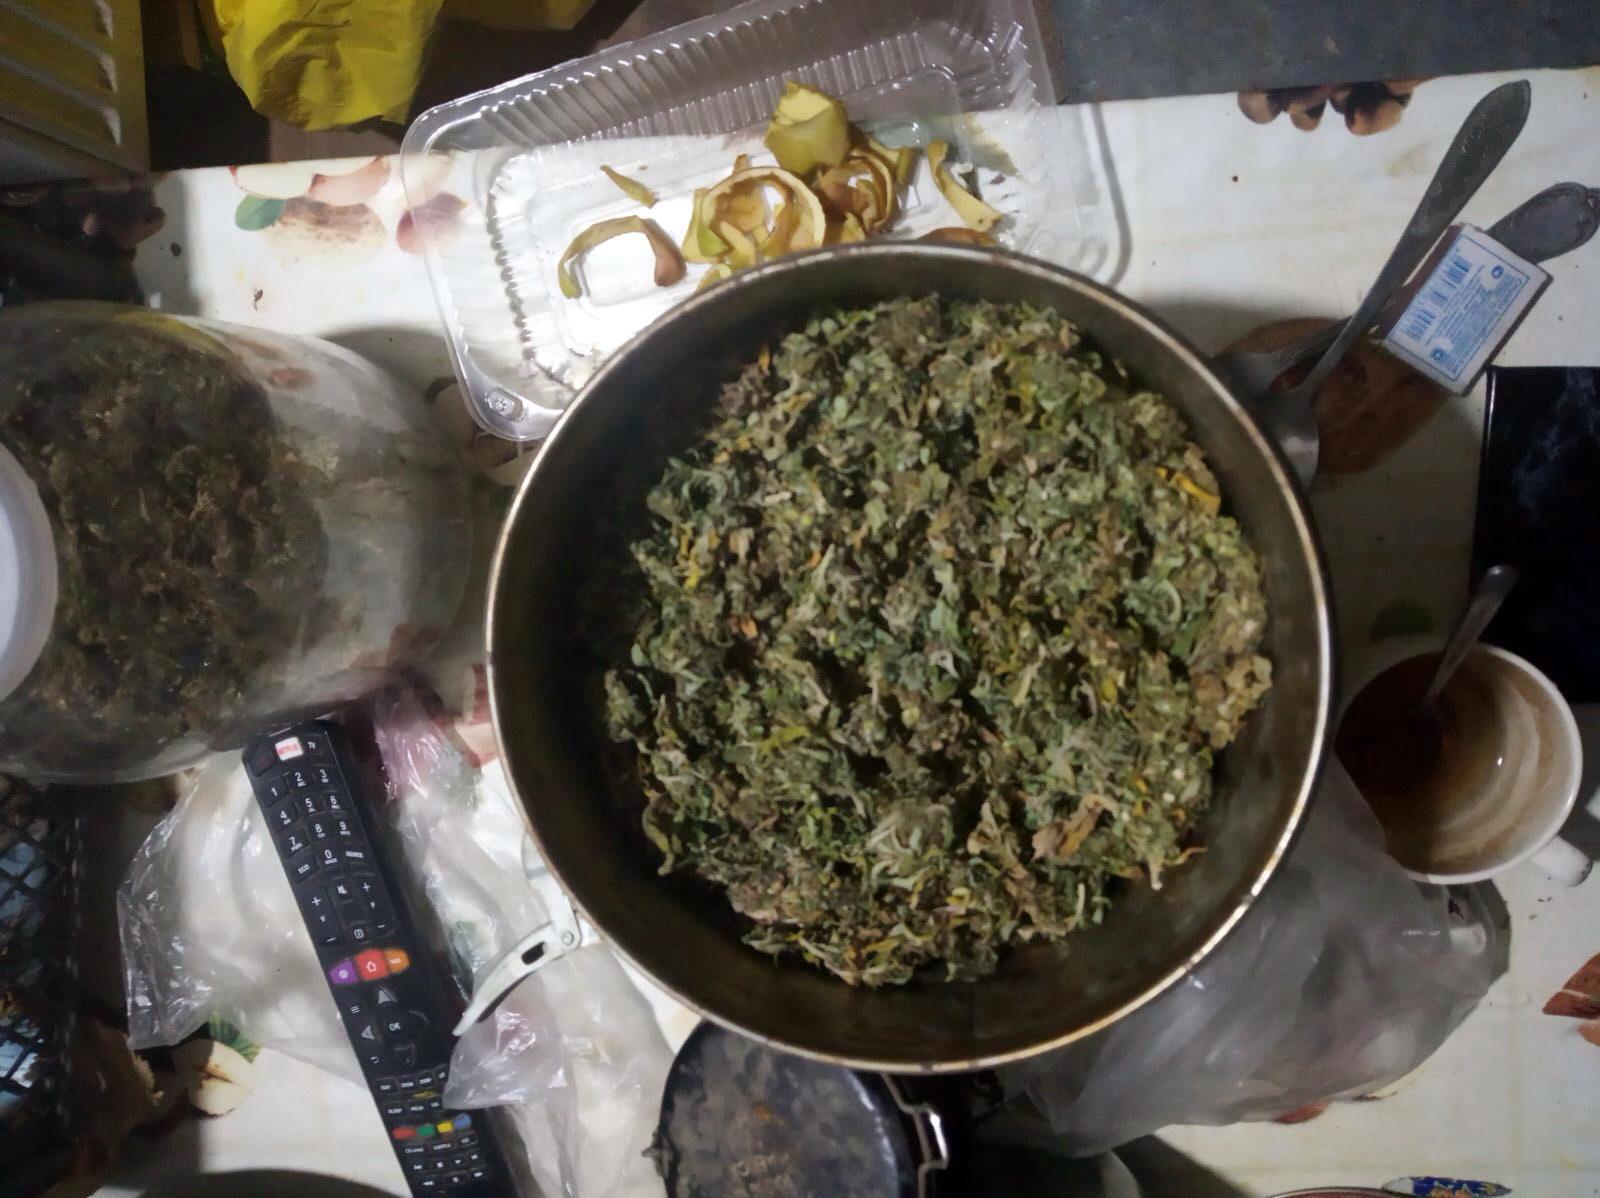 Наказание за хранение марихуаны в украине камаз с коноплей